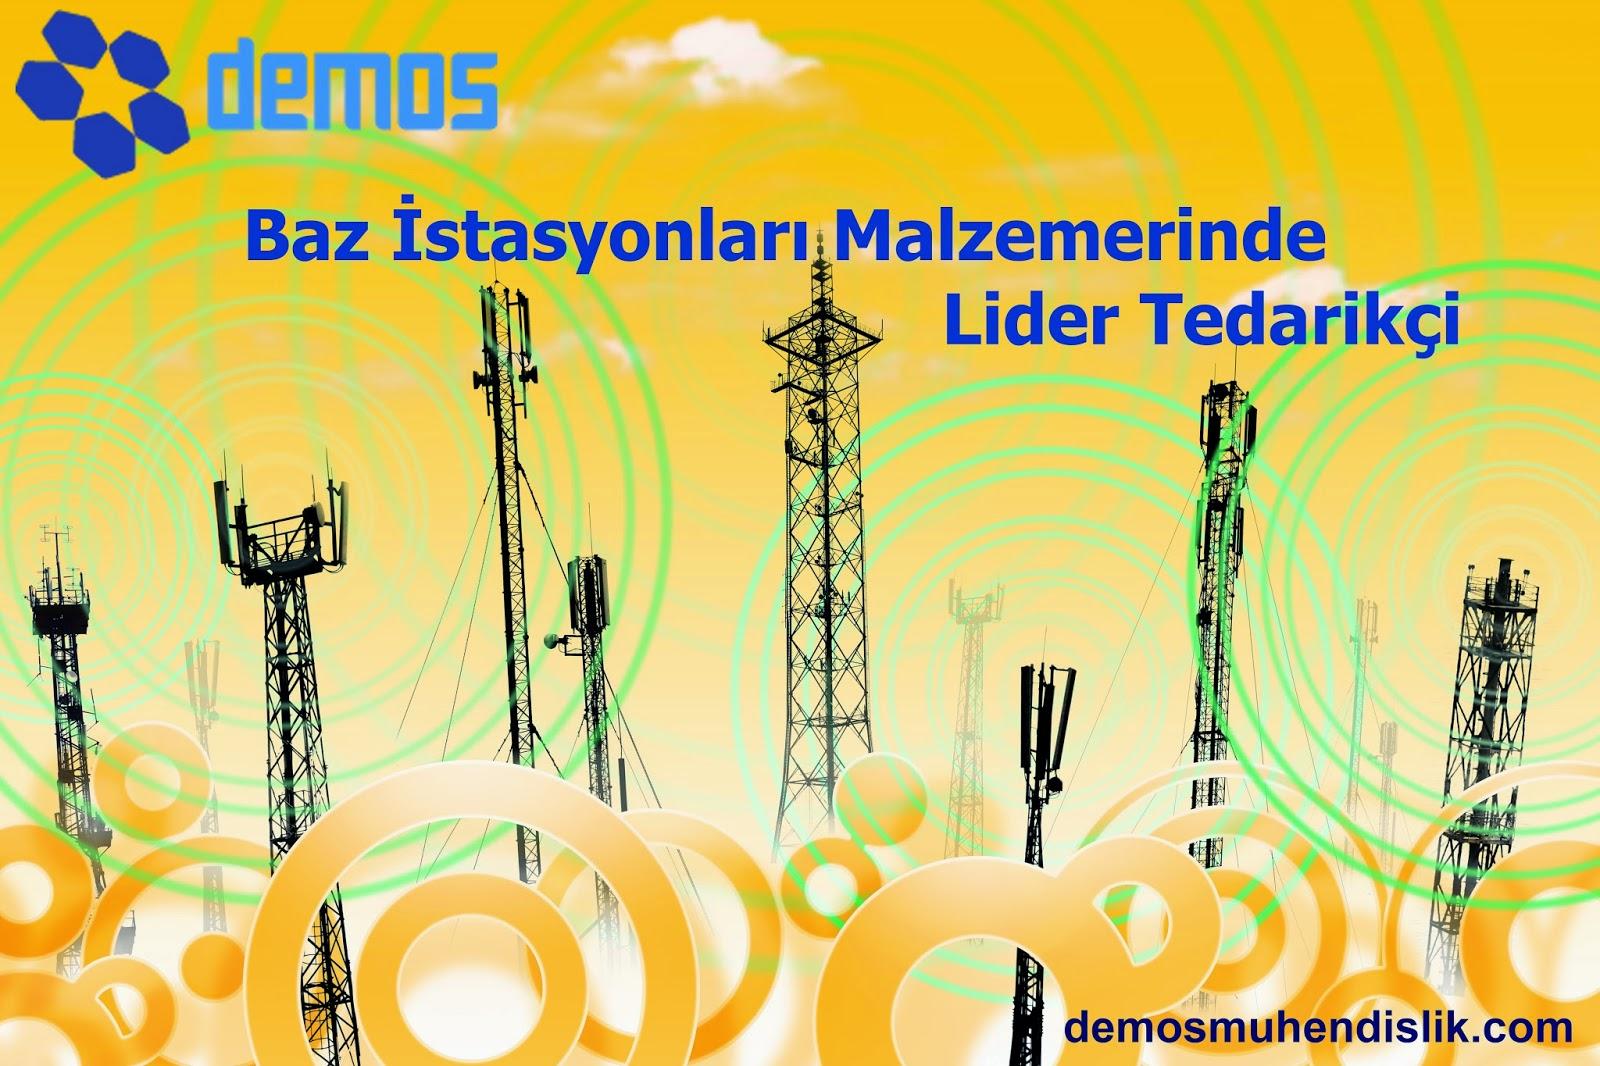 4G LTE baz istasyonu altyapısı ürünler gsm